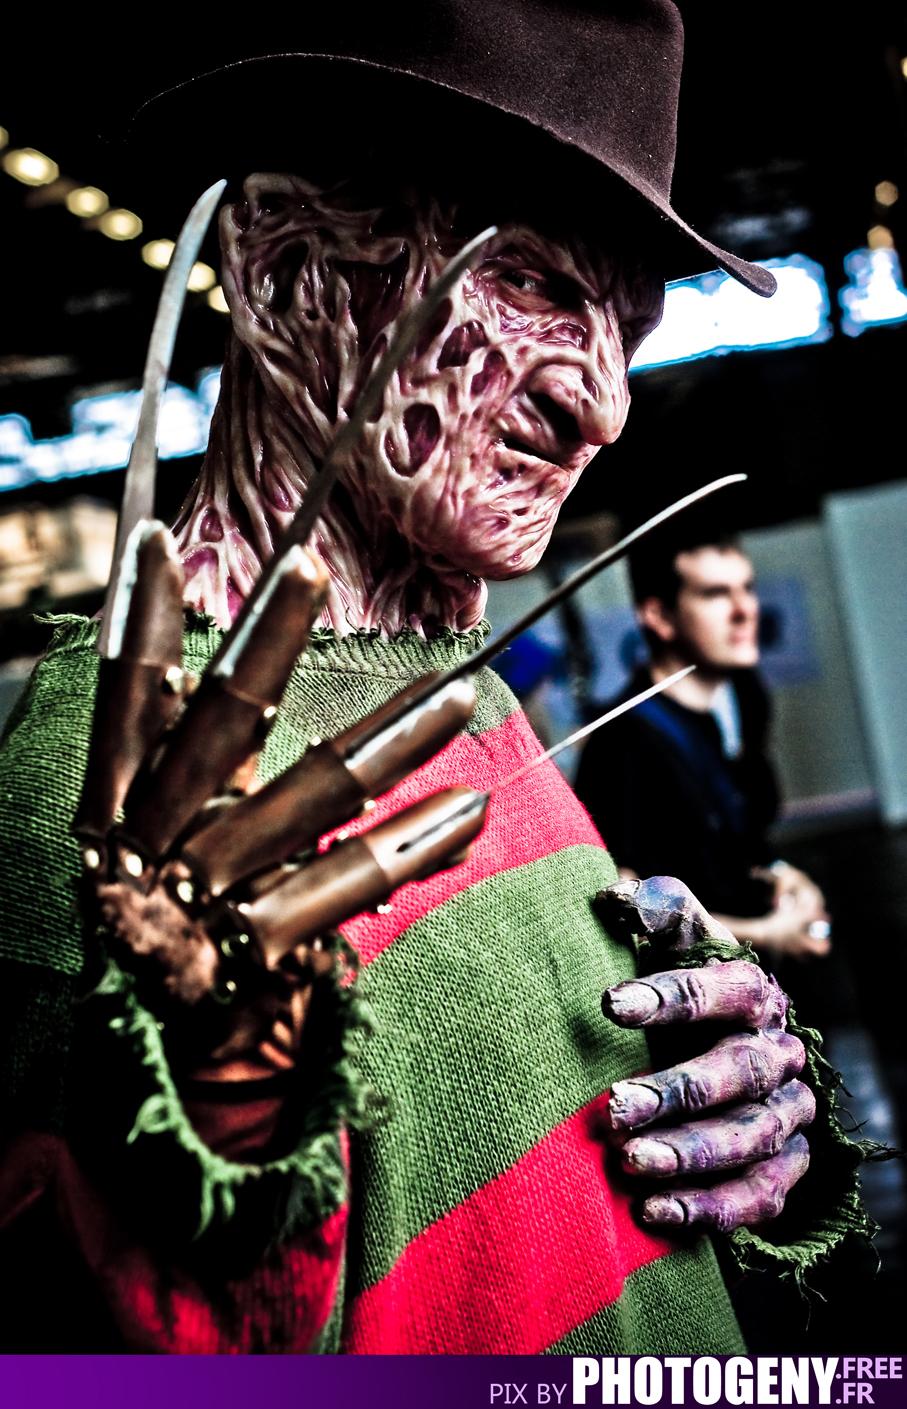 Freddy Krueger by photogeny-cosplay